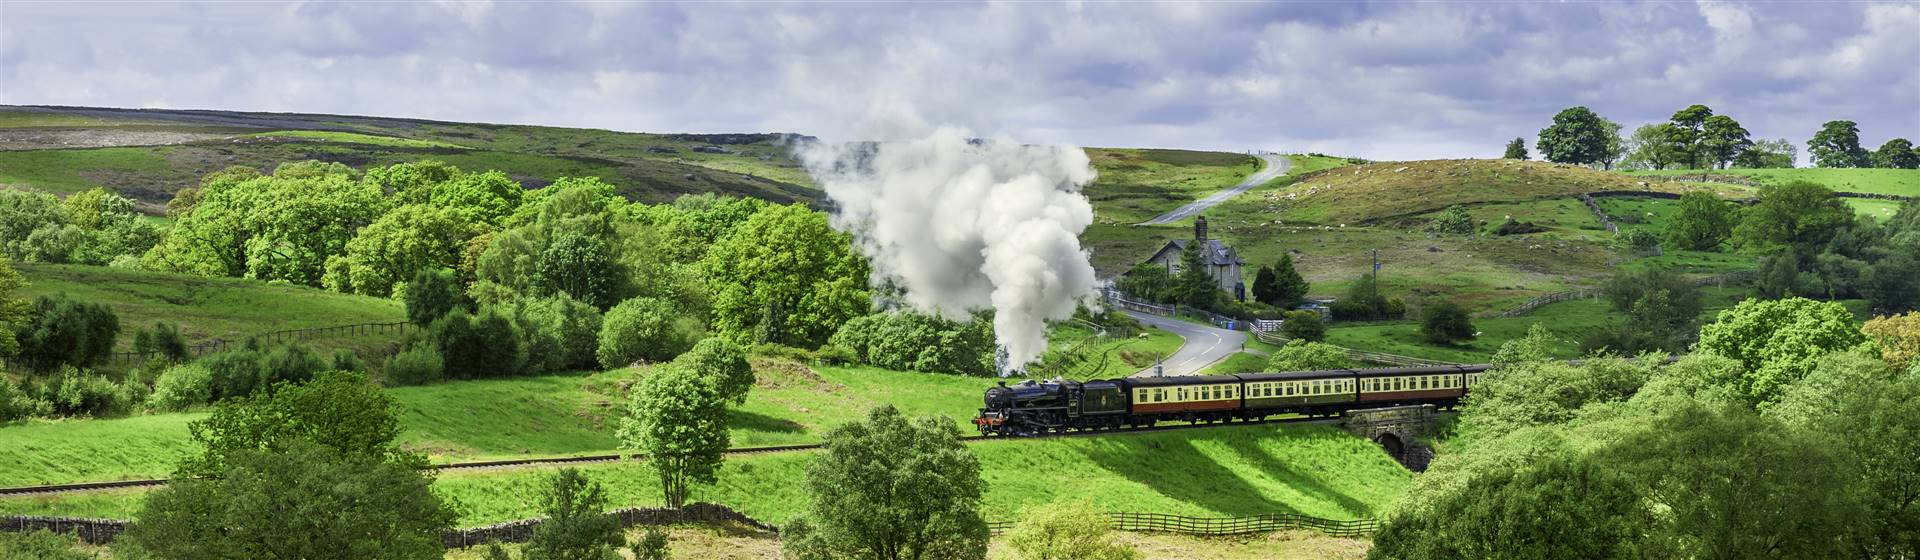 """<img src=""""/steamtrainnrpickeringonnorthyorkmoors-shutterstock.jpeg"""" alt=""""Steam Train nr Pickering""""/>"""